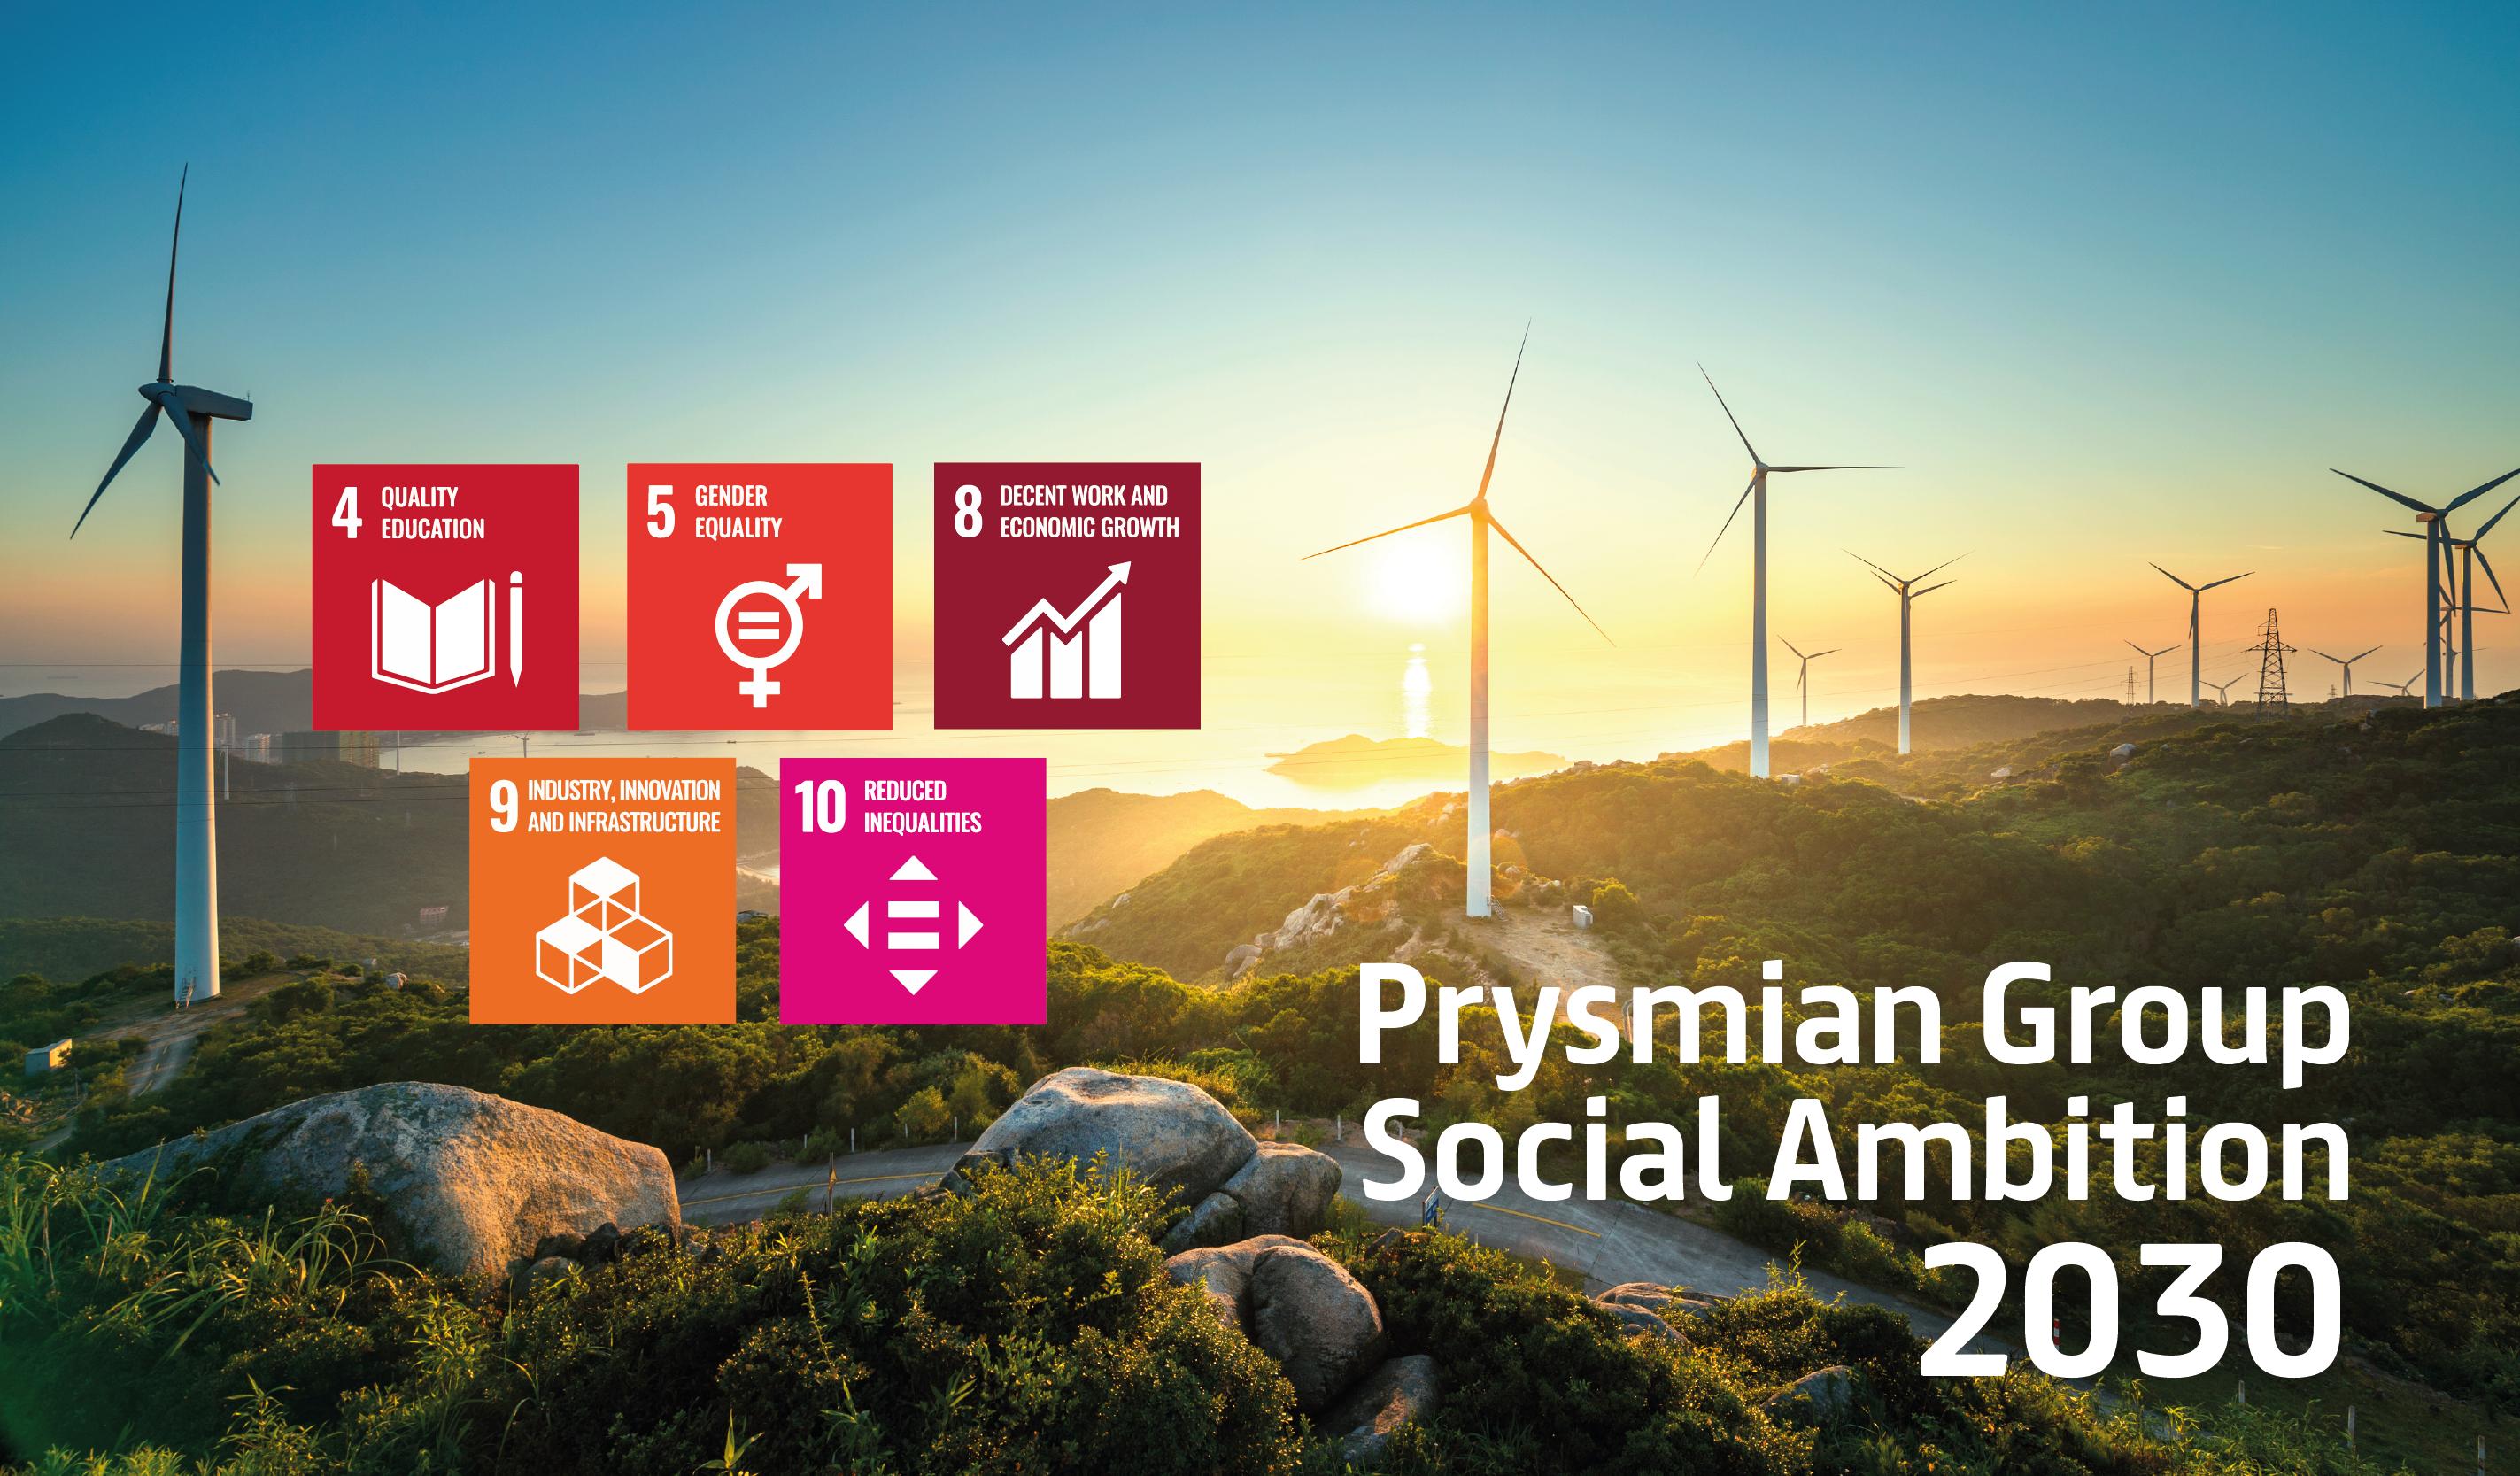 Nya sociala målsättningar i Prysmian Group